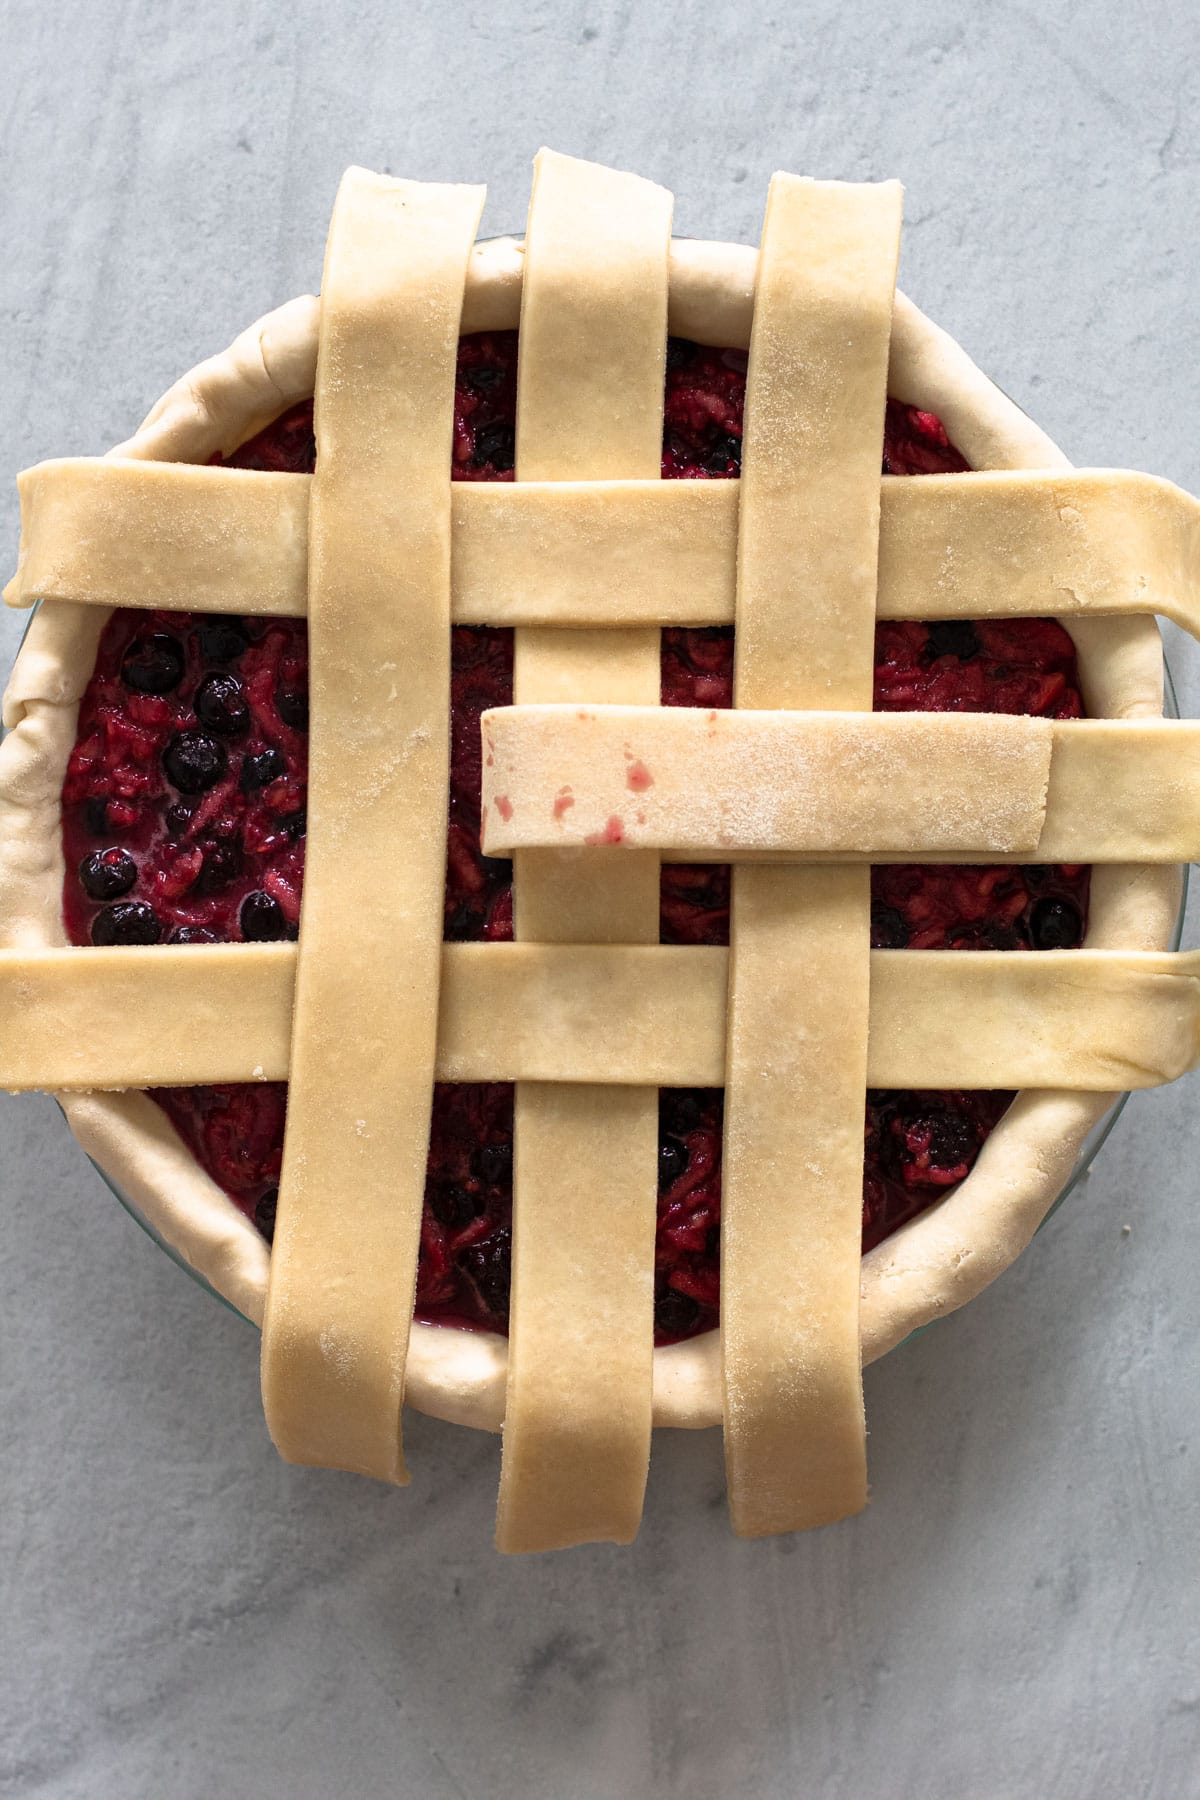 Making a lattice crust for a pie.